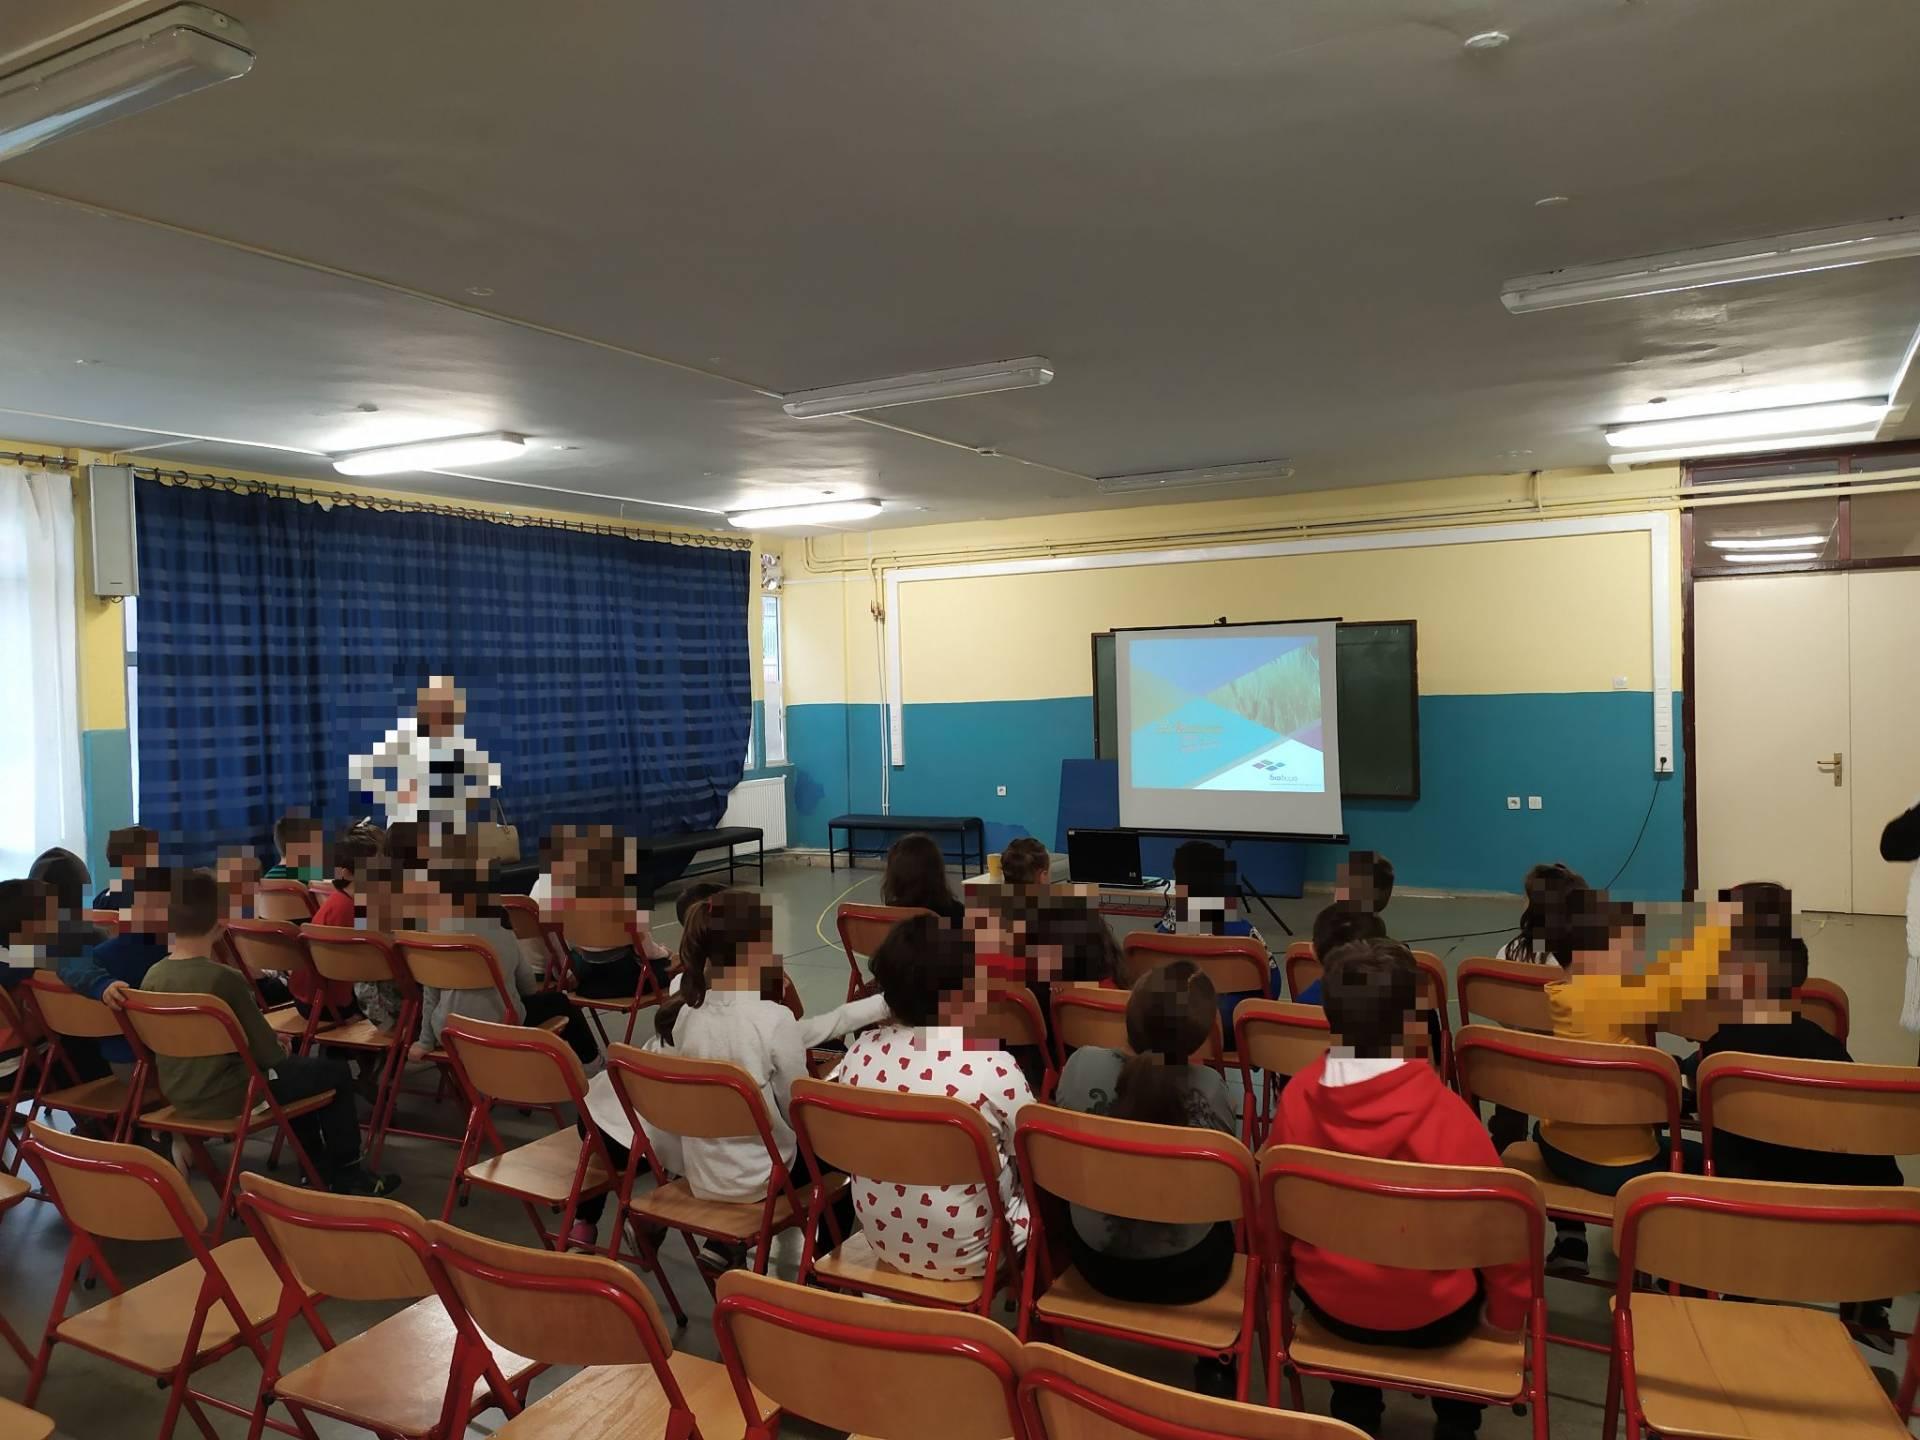 Πρόγραμμα περιβαλλοντικής εκπαίδευσης από τη ΔΙΑΔΥΜΑ Α.Ε. στα σχολεία της Δυτικής Μακεδονίας